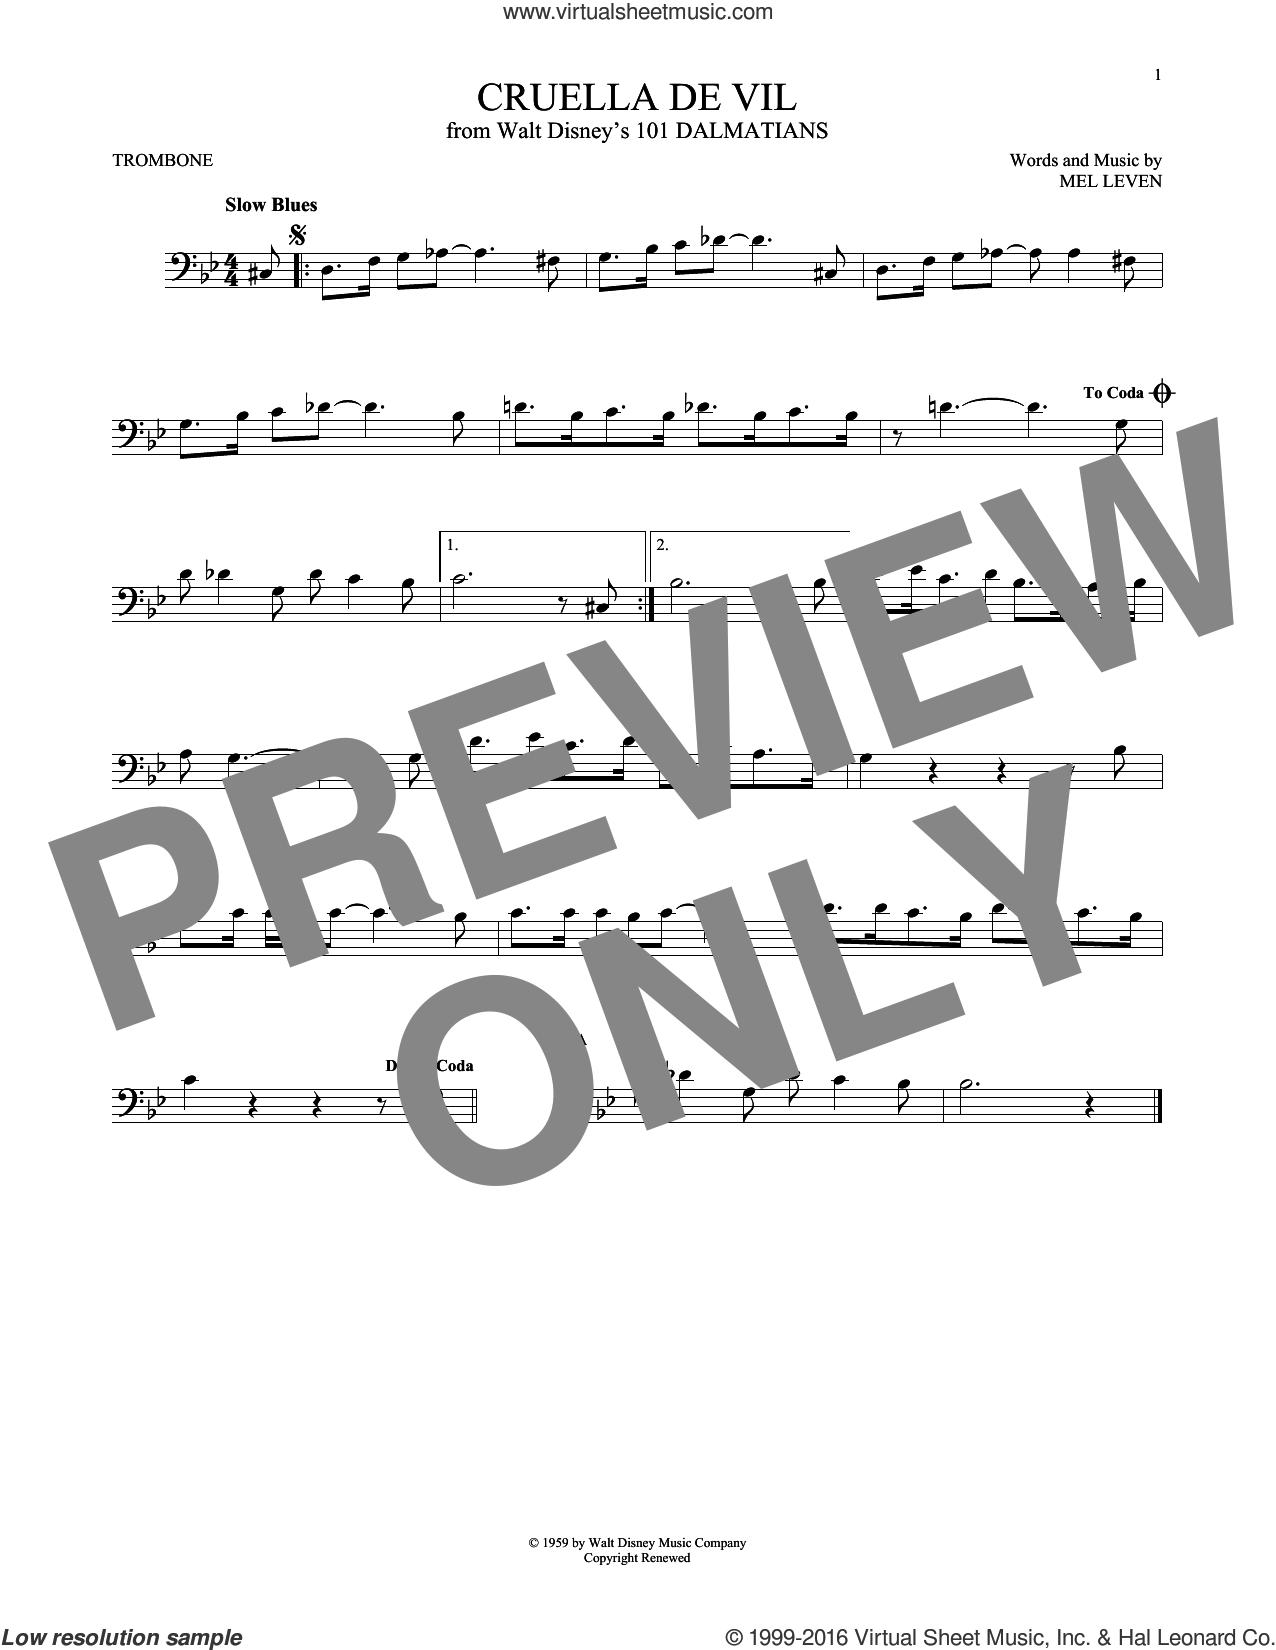 Cruella De Vil sheet music for trombone solo by Mel Leven, intermediate skill level